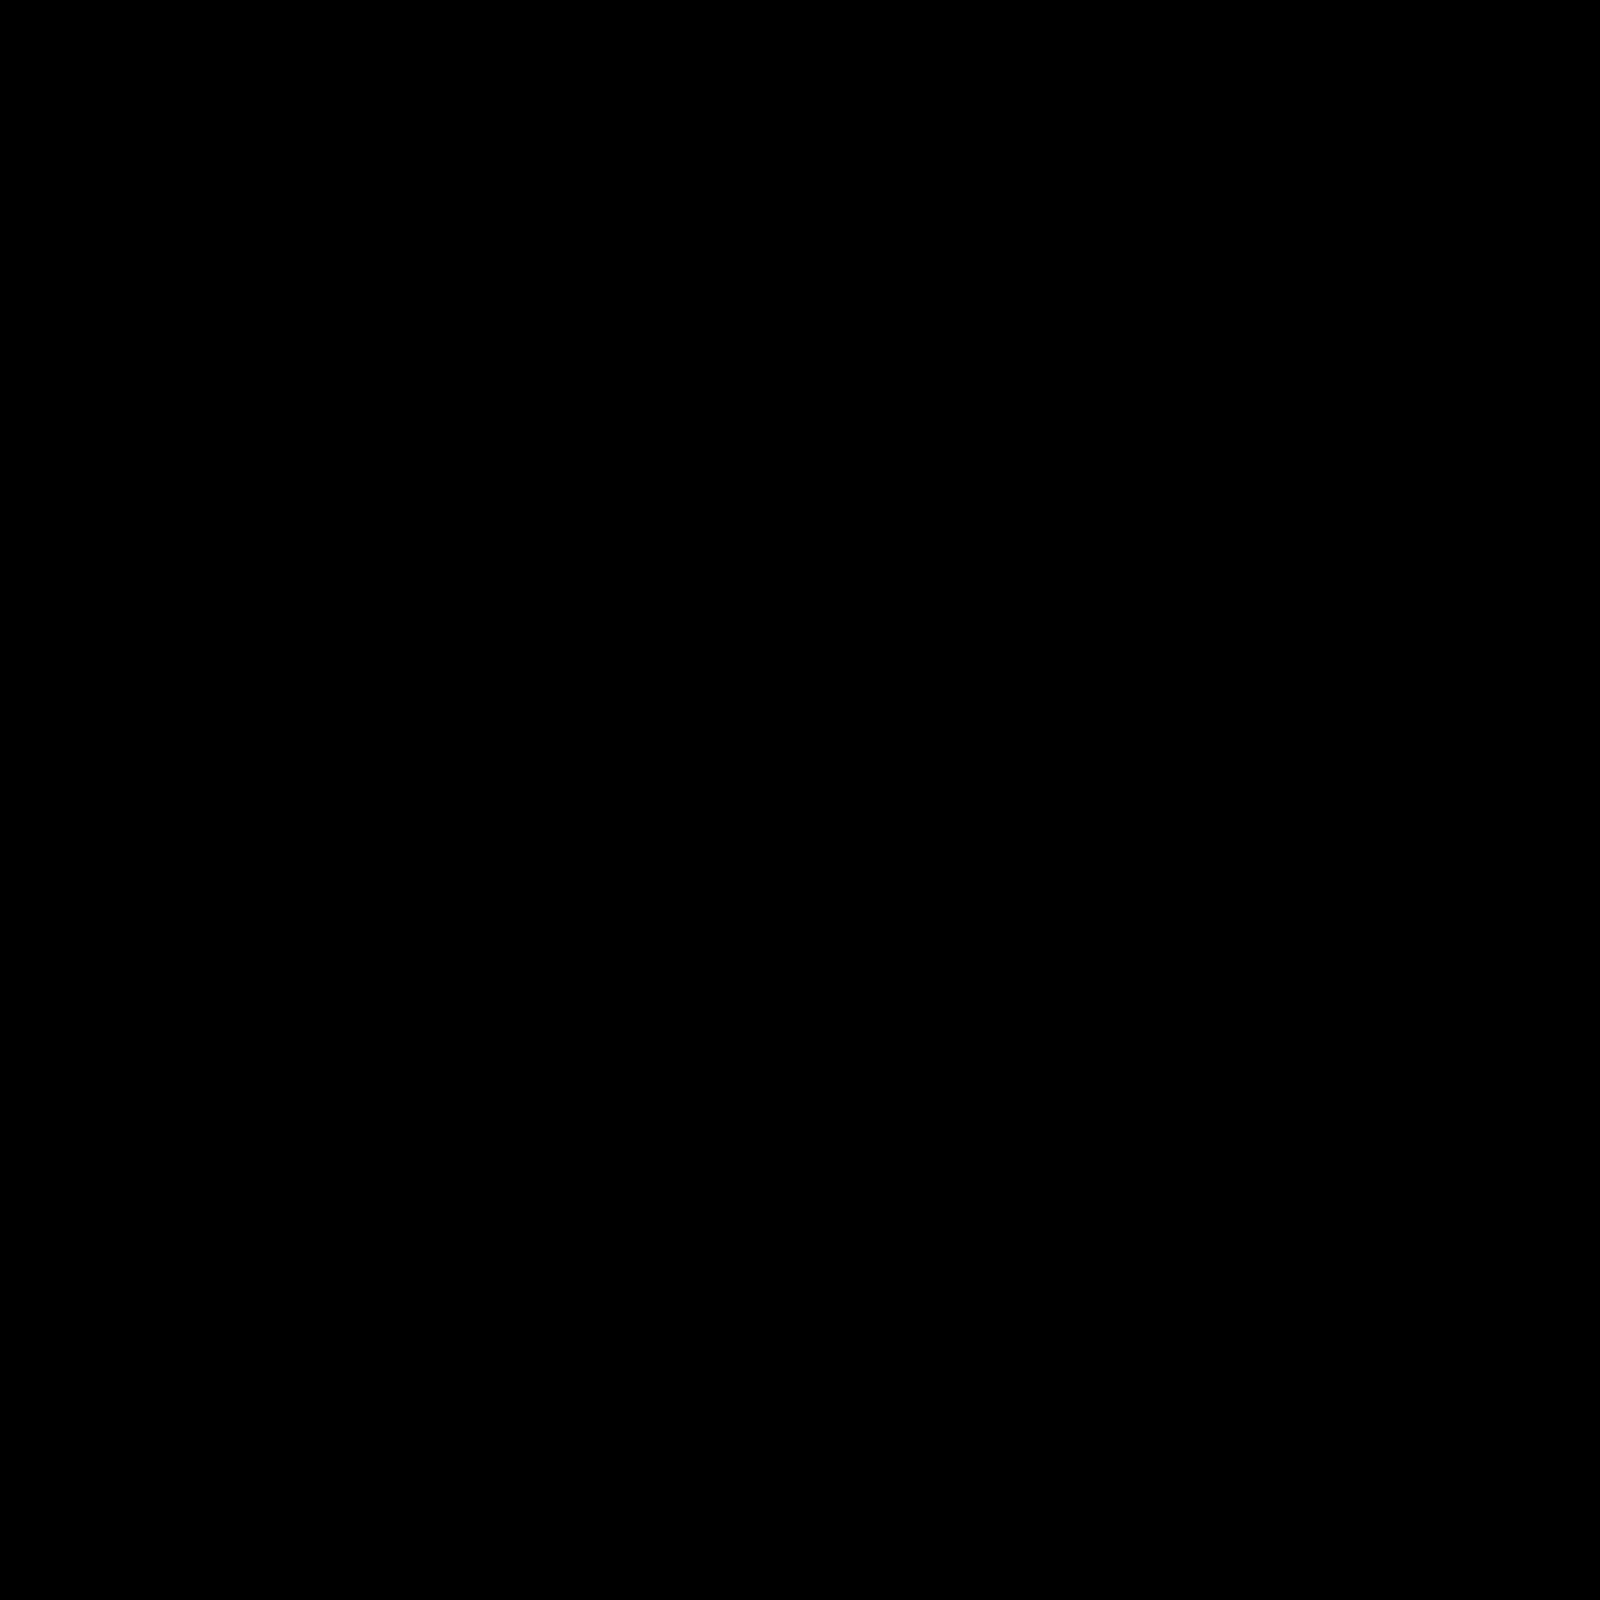 Taśma tapicerska icon